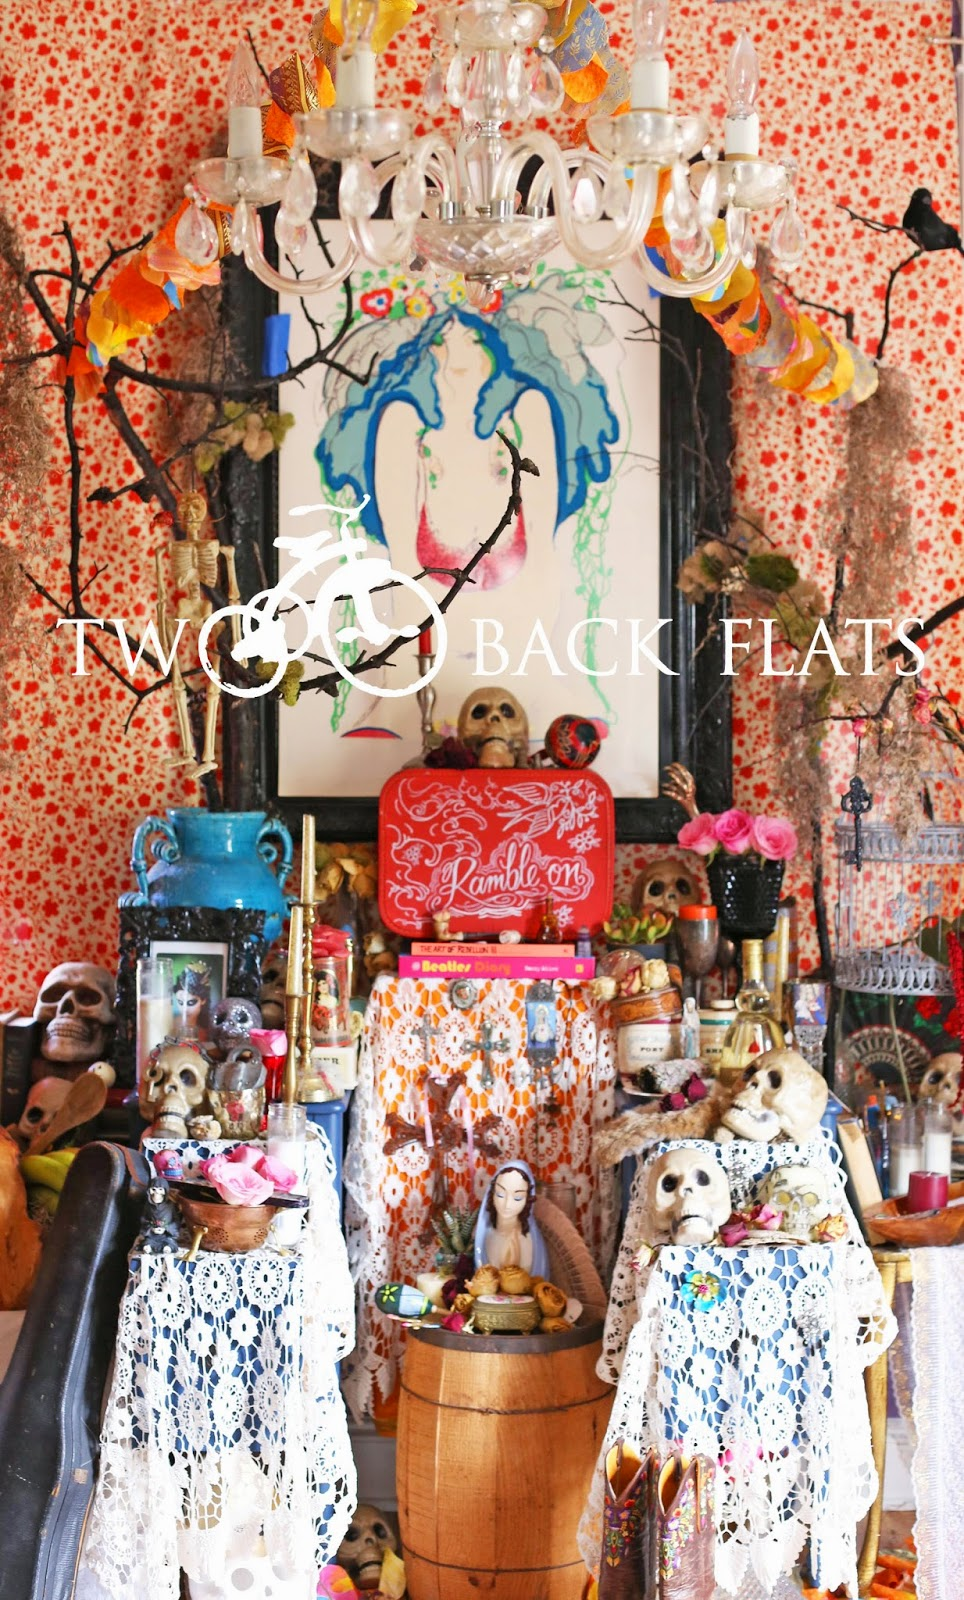 www.twobackflats.blogspot.com